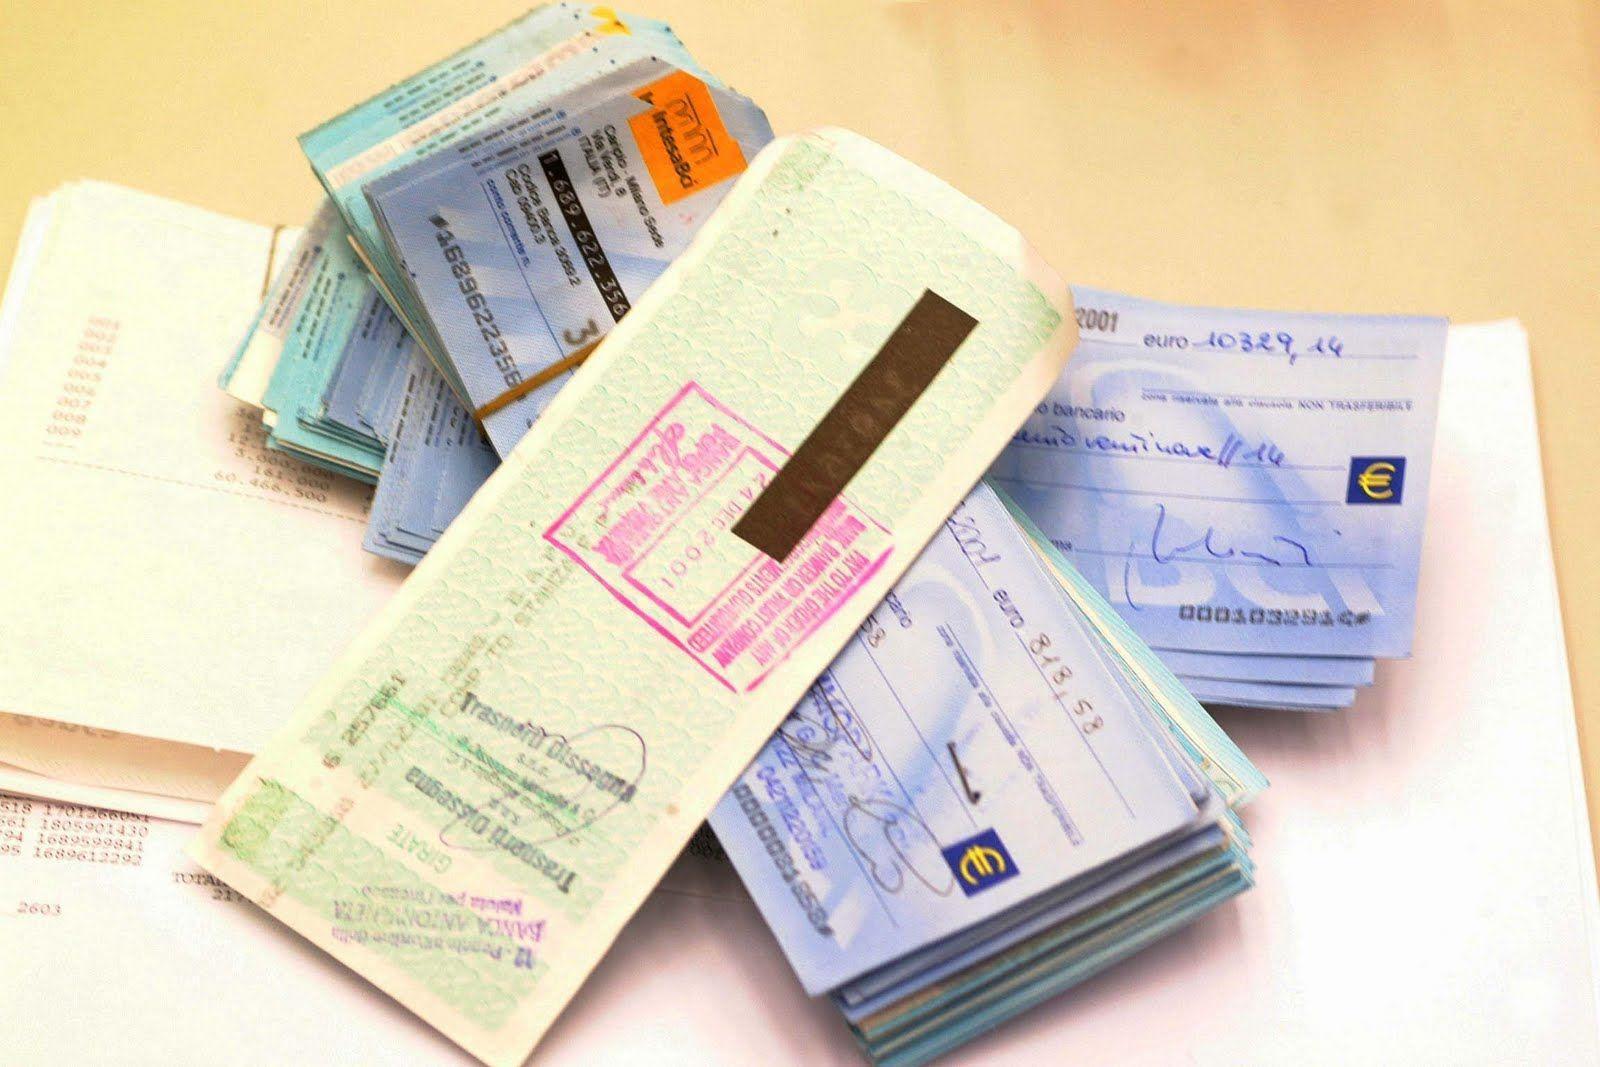 L'economia del coronavirus tra chiacchiere e assegni non pagati: la mazzata per le piccole imprese è enorme